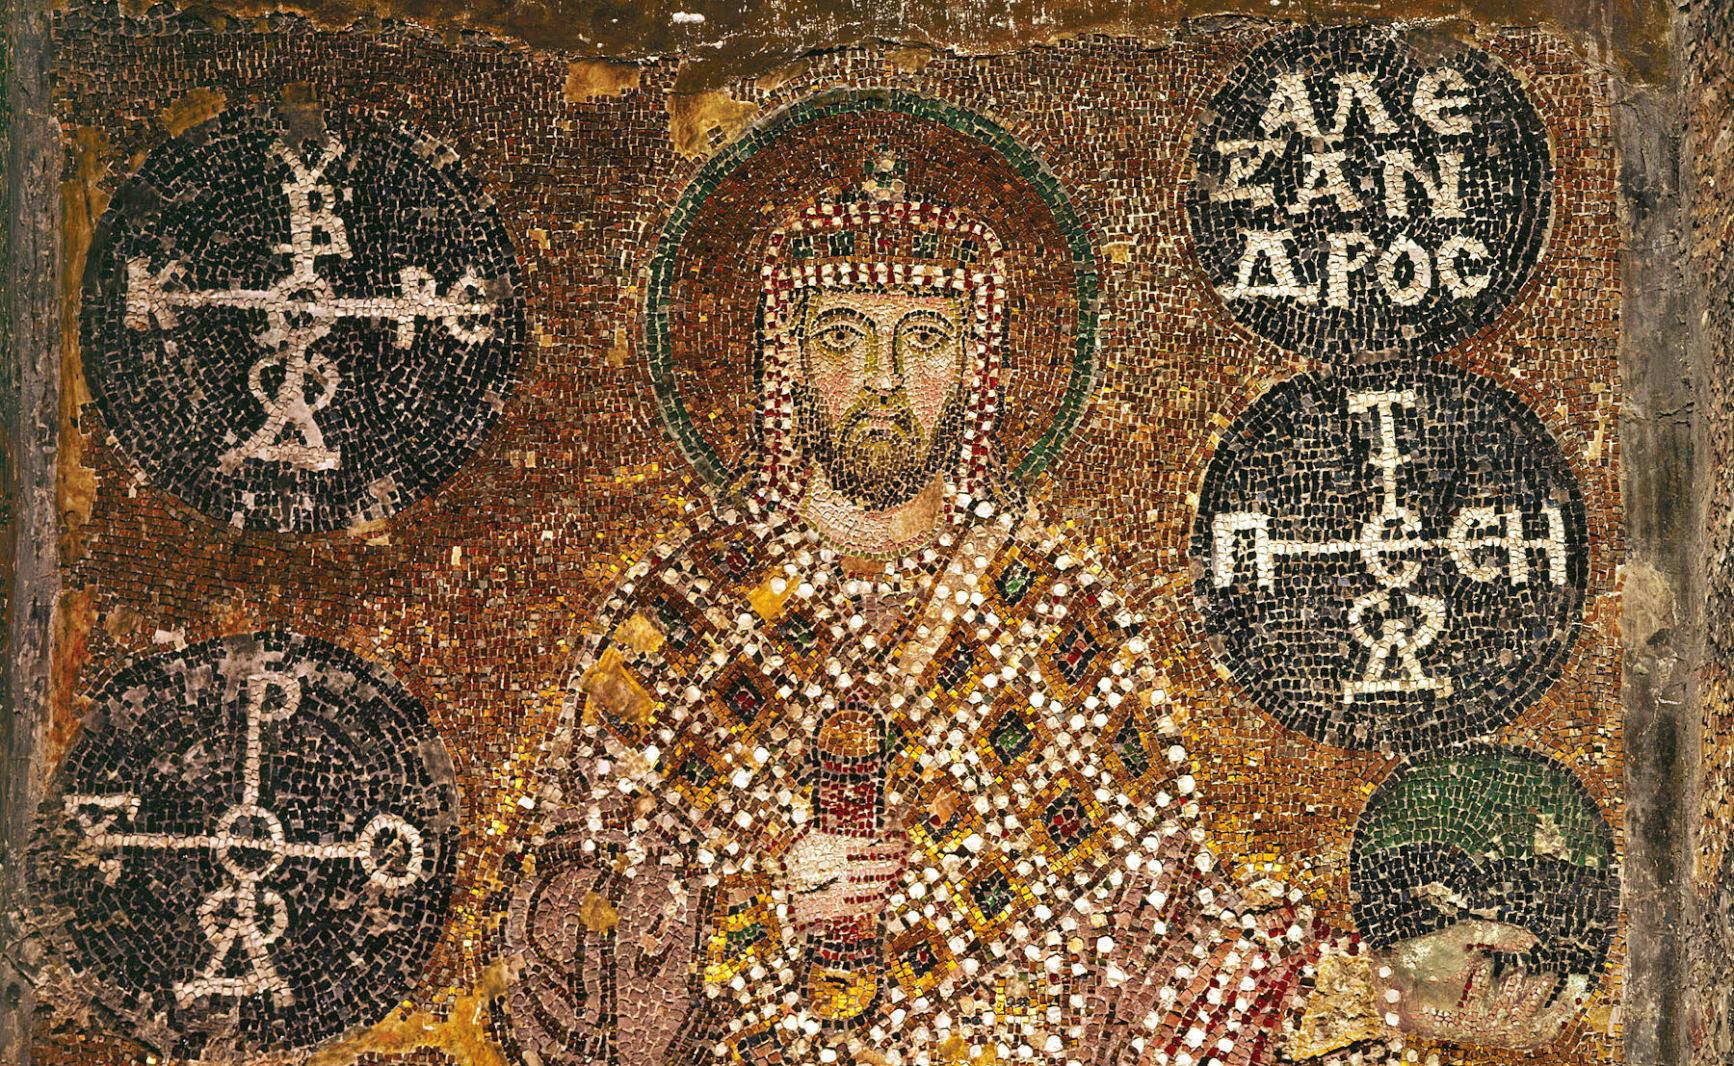 Alexander-Mosaic-of-Hagia-Sophia-Featured_01